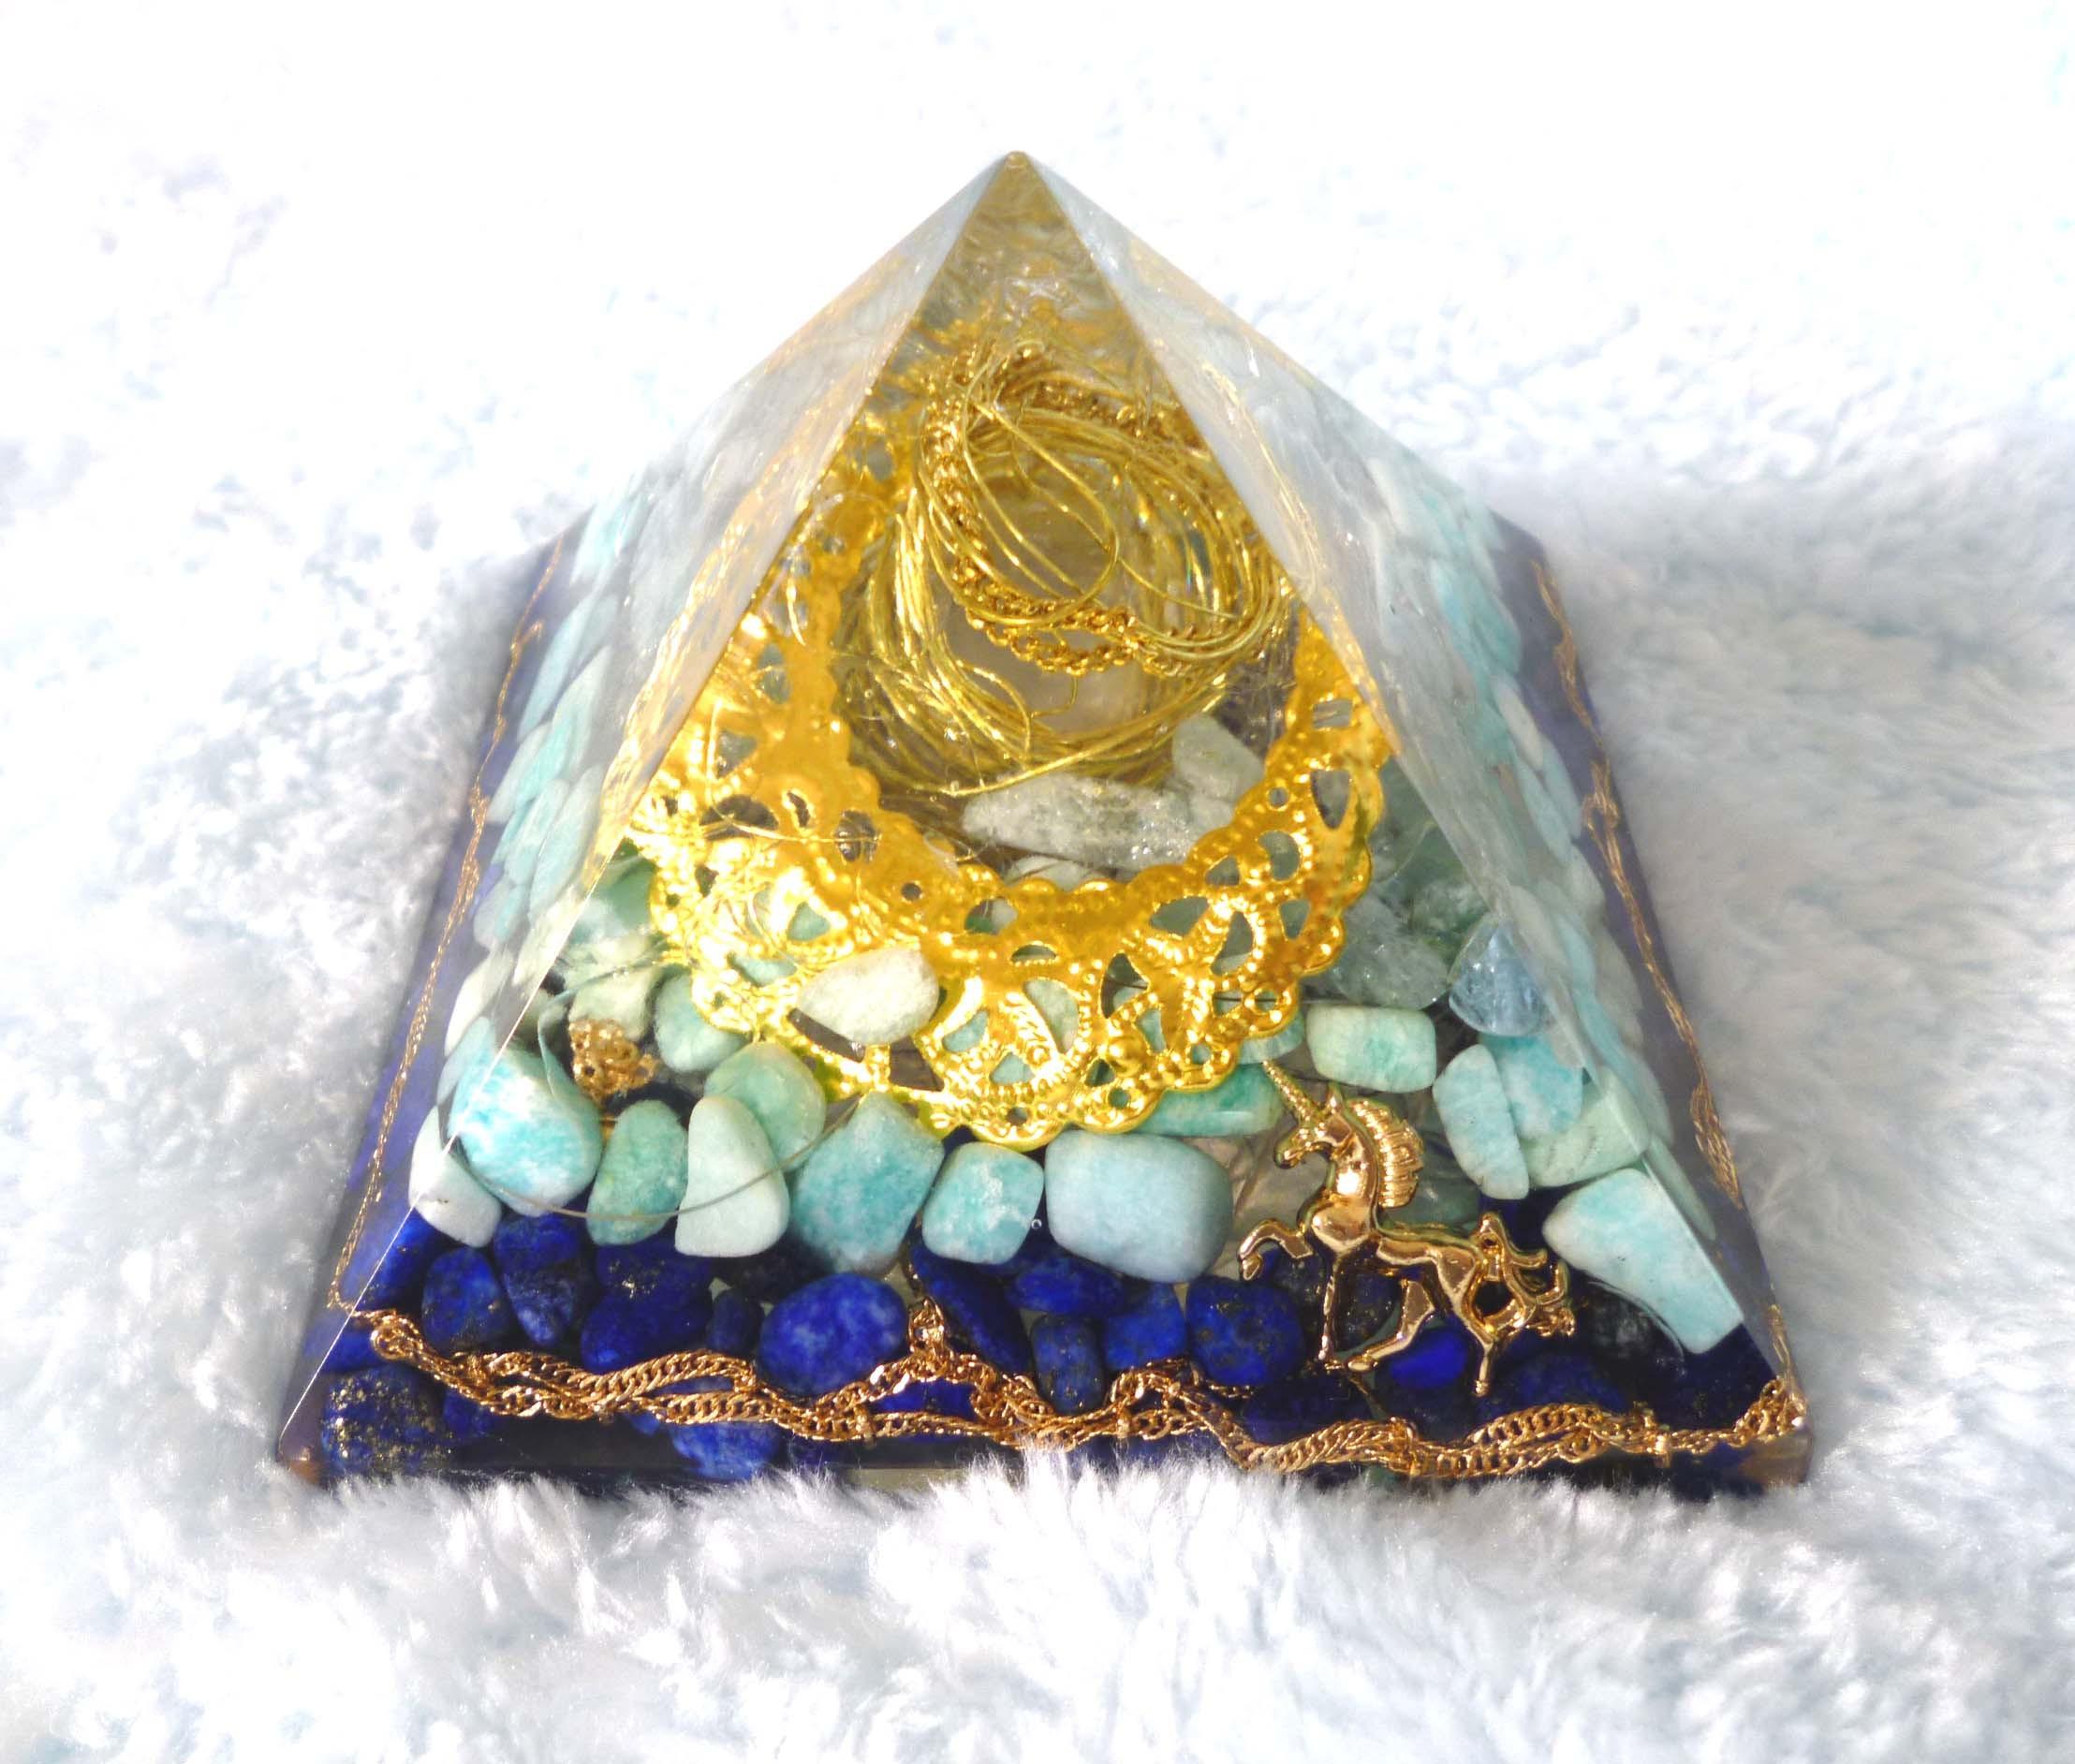 SALE☆創造 ピラミッド型オルゴナイト